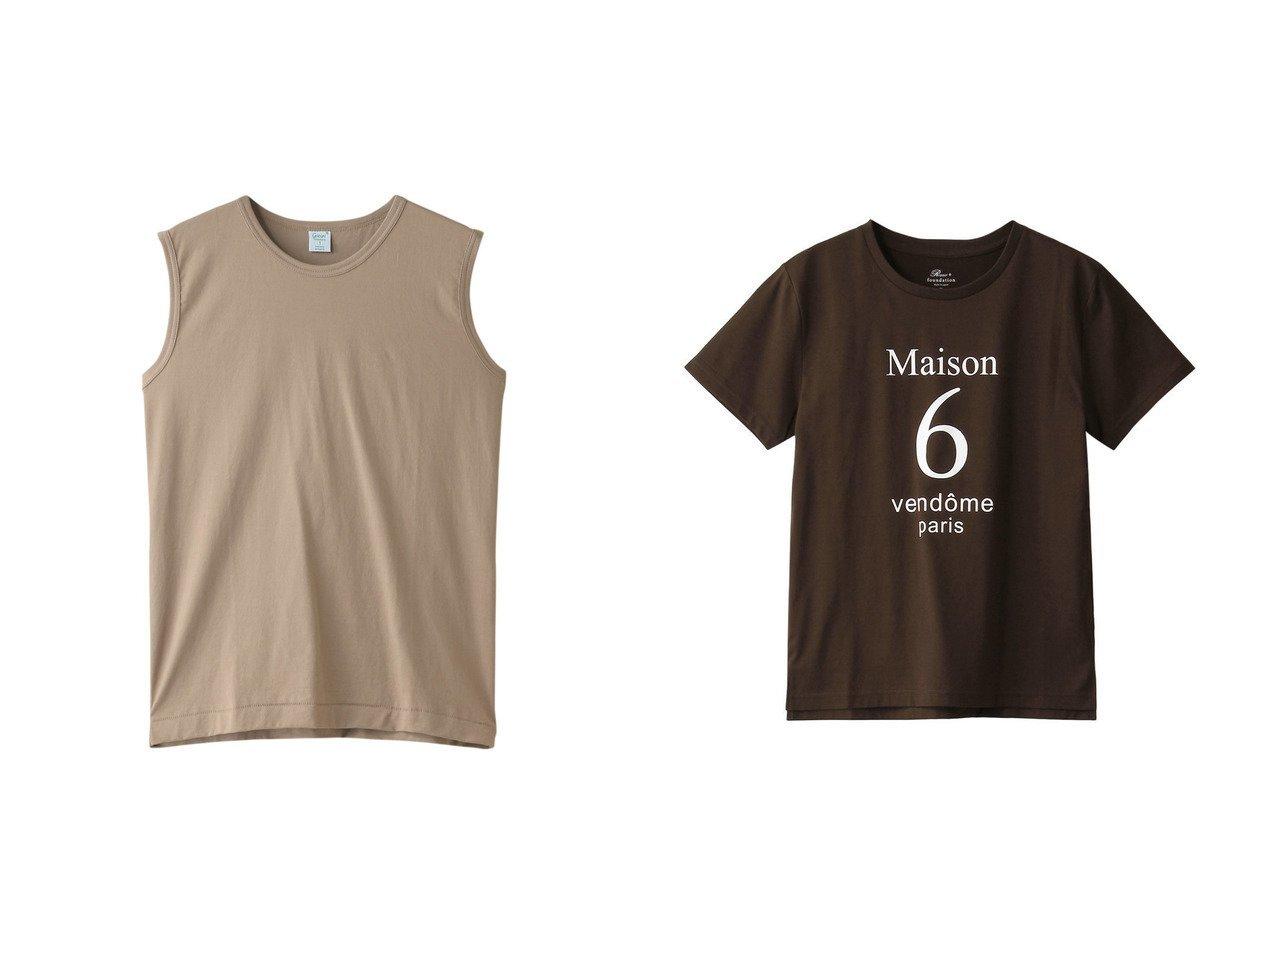 【HOUSE OF LOTUS/ハウス オブ ロータス】の【gicipi】ノースリーブTシャツ&【Rawtus/ロゥタス】のロゴプリントTシャツ 【トップス・カットソー】おすすめ!人気、トレンド・レディースファッションの通販 おすすめで人気の流行・トレンド、ファッションの通販商品 インテリア・家具・メンズファッション・キッズファッション・レディースファッション・服の通販 founy(ファニー) https://founy.com/ ファッション Fashion レディースファッション WOMEN トップス・カットソー Tops/Tshirt キャミソール / ノースリーブ No Sleeves シャツ/ブラウス Shirts/Blouses ロング / Tシャツ T-Shirts カットソー Cut and Sewn 2020年 2020 2020-2021秋冬・A/W AW・Autumn/Winter・FW・Fall-Winter/2020-2021 2021年 2021 2021-2022秋冬・A/W AW・Autumn/Winter・FW・Fall-Winter・2021-2022 A/W・秋冬 AW・Autumn/Winter・FW・Fall-Winter インナー キャミソール シンプル タンク ノースリーブ なめらか グラフィック ショート スリーブ フィット プリント |ID:crp329100000063967